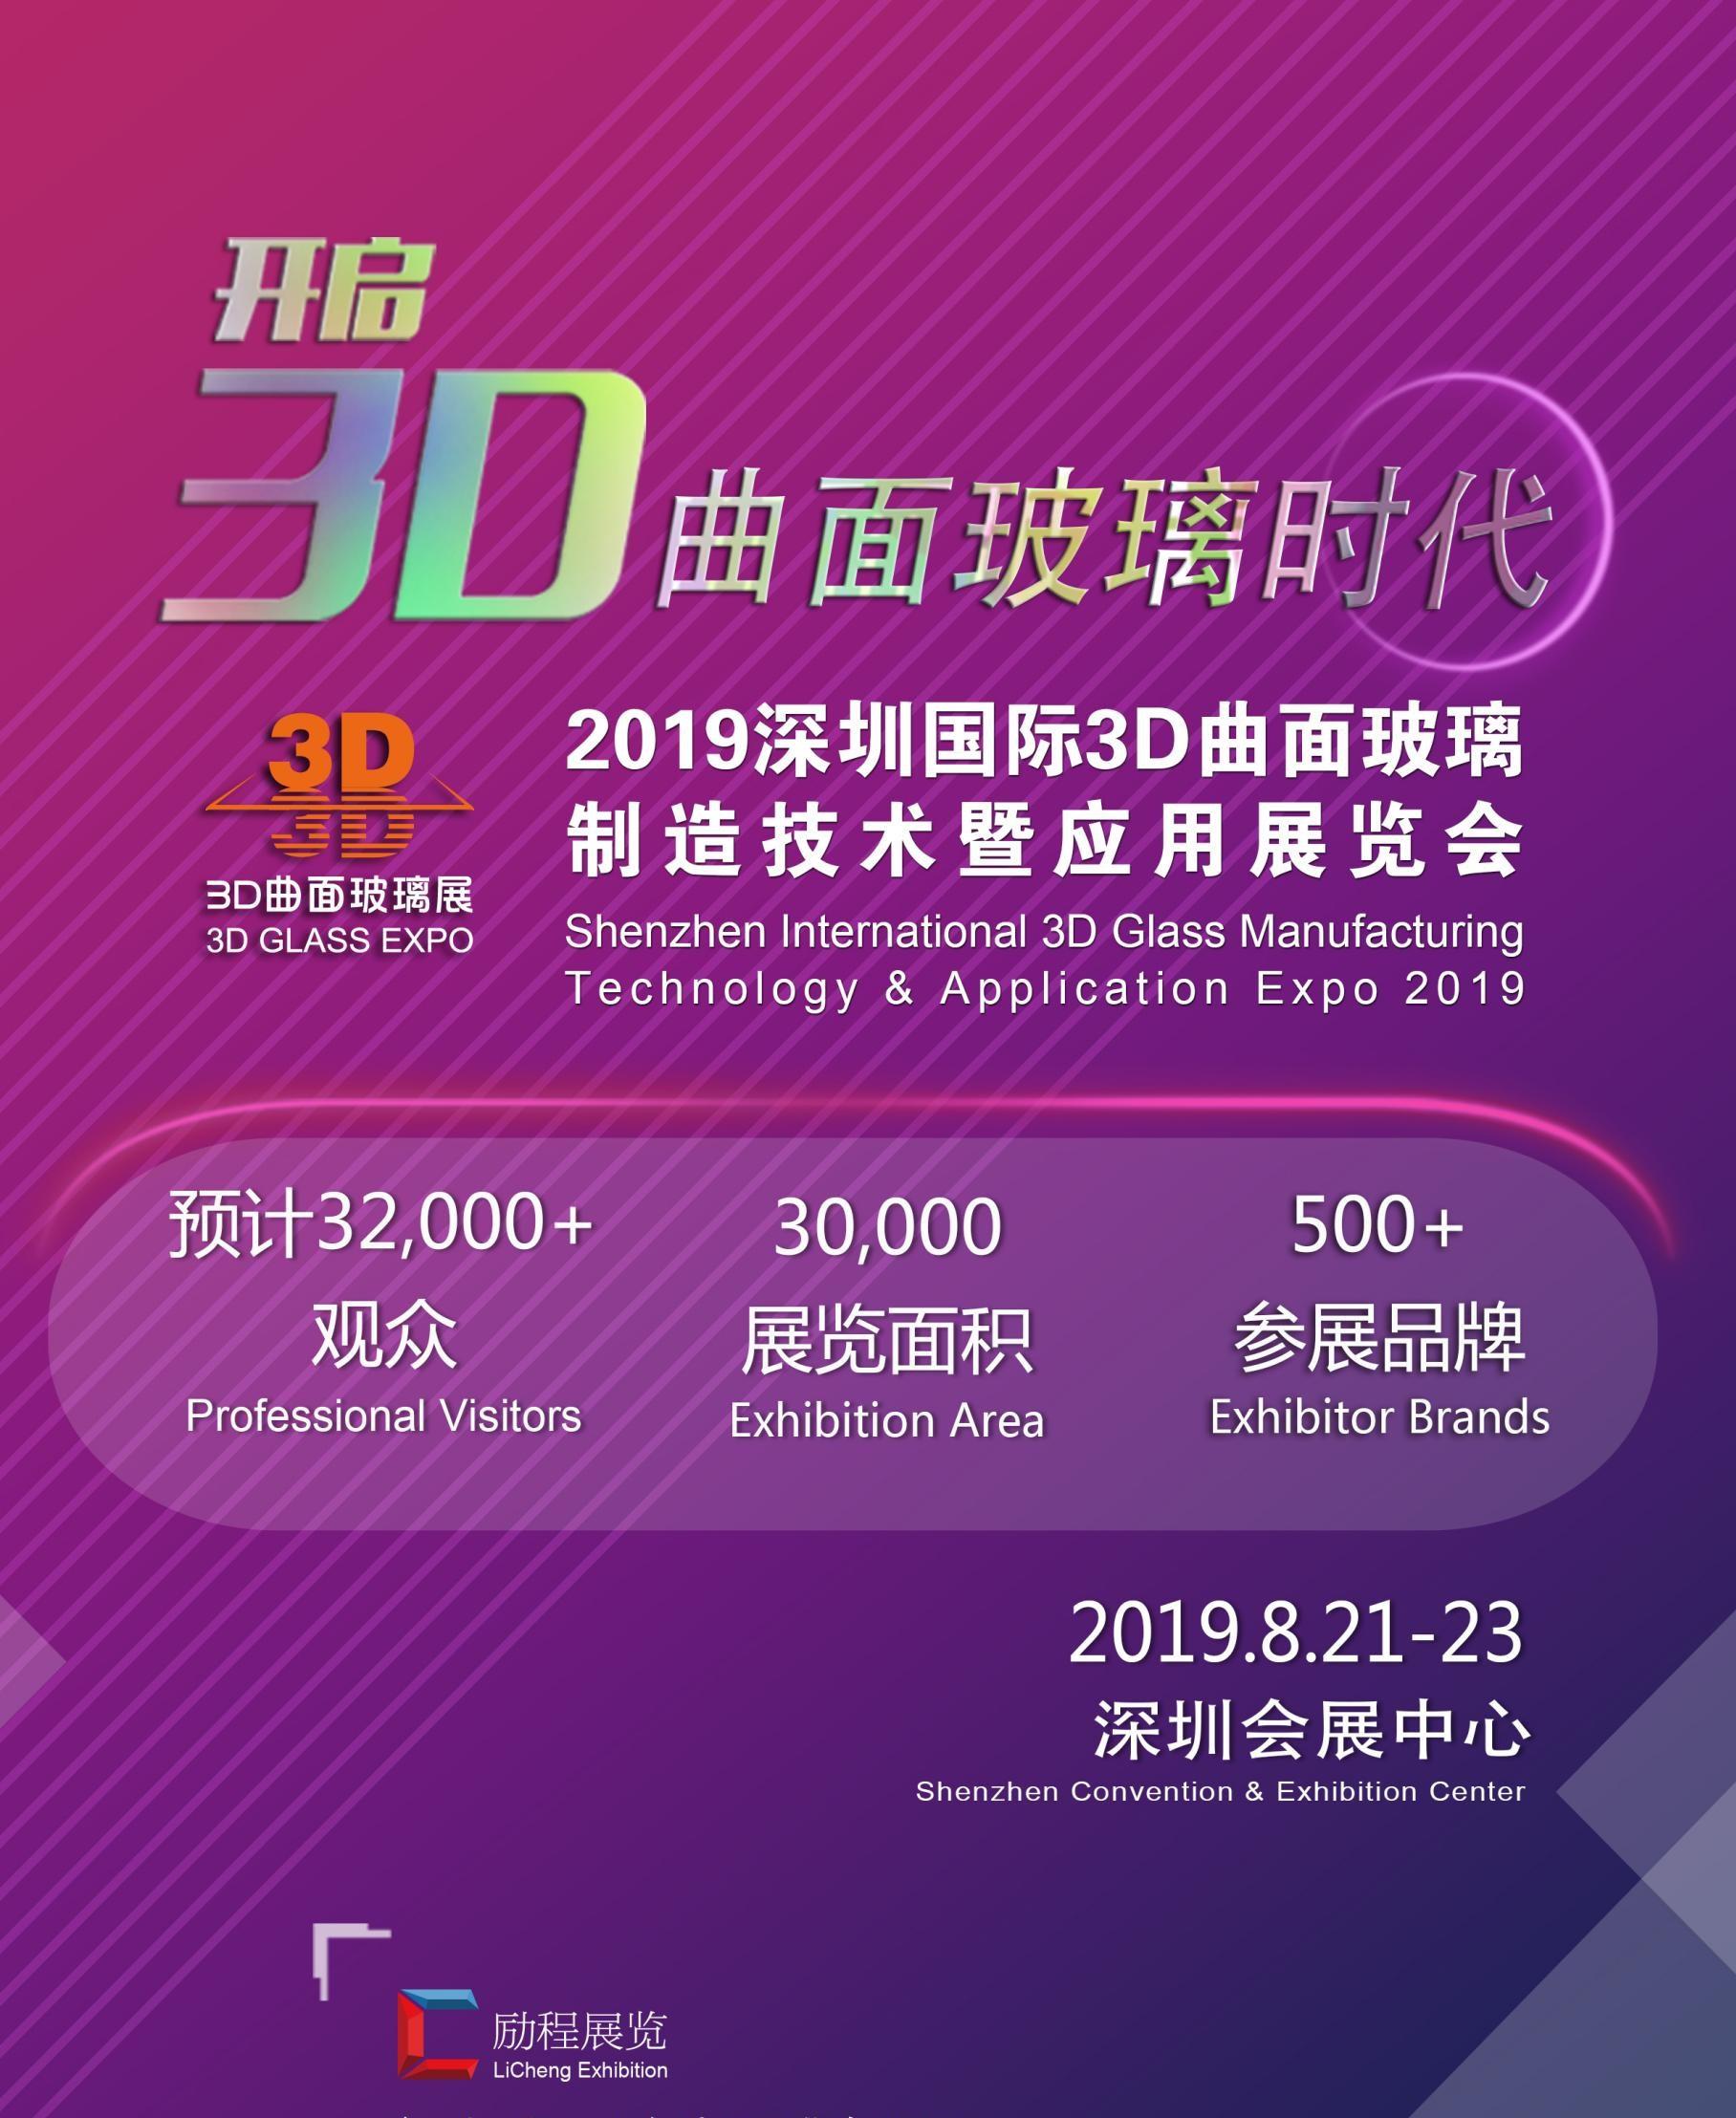 2019深圳国际3D曲面玻璃制造技术暨应用展